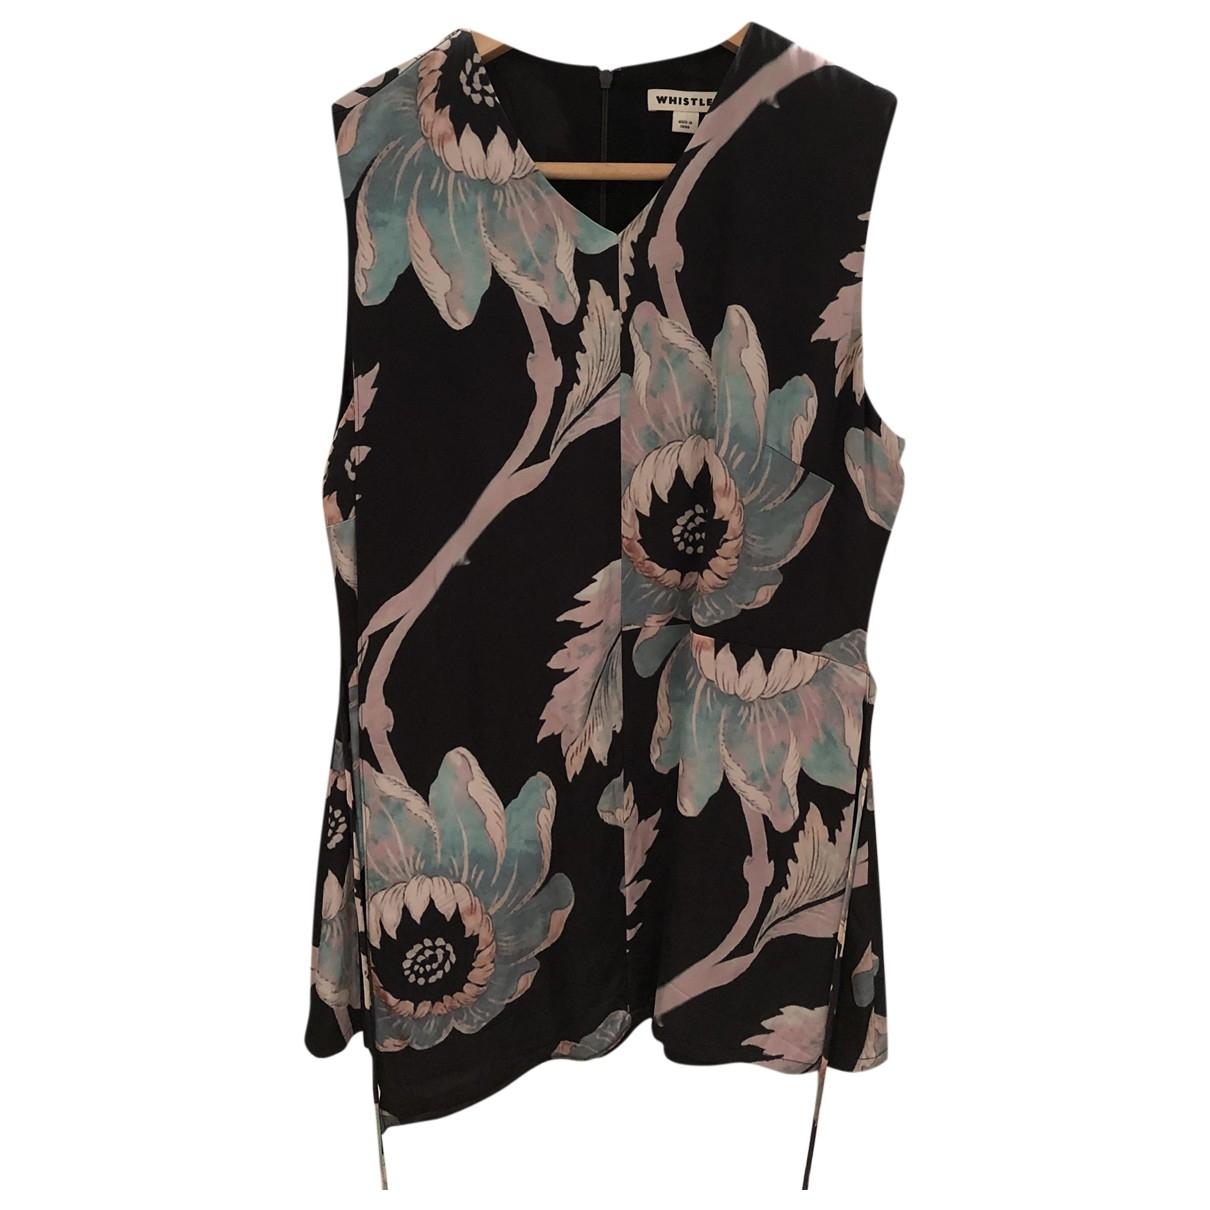 Whistles \N Black  top for Women 10 UK